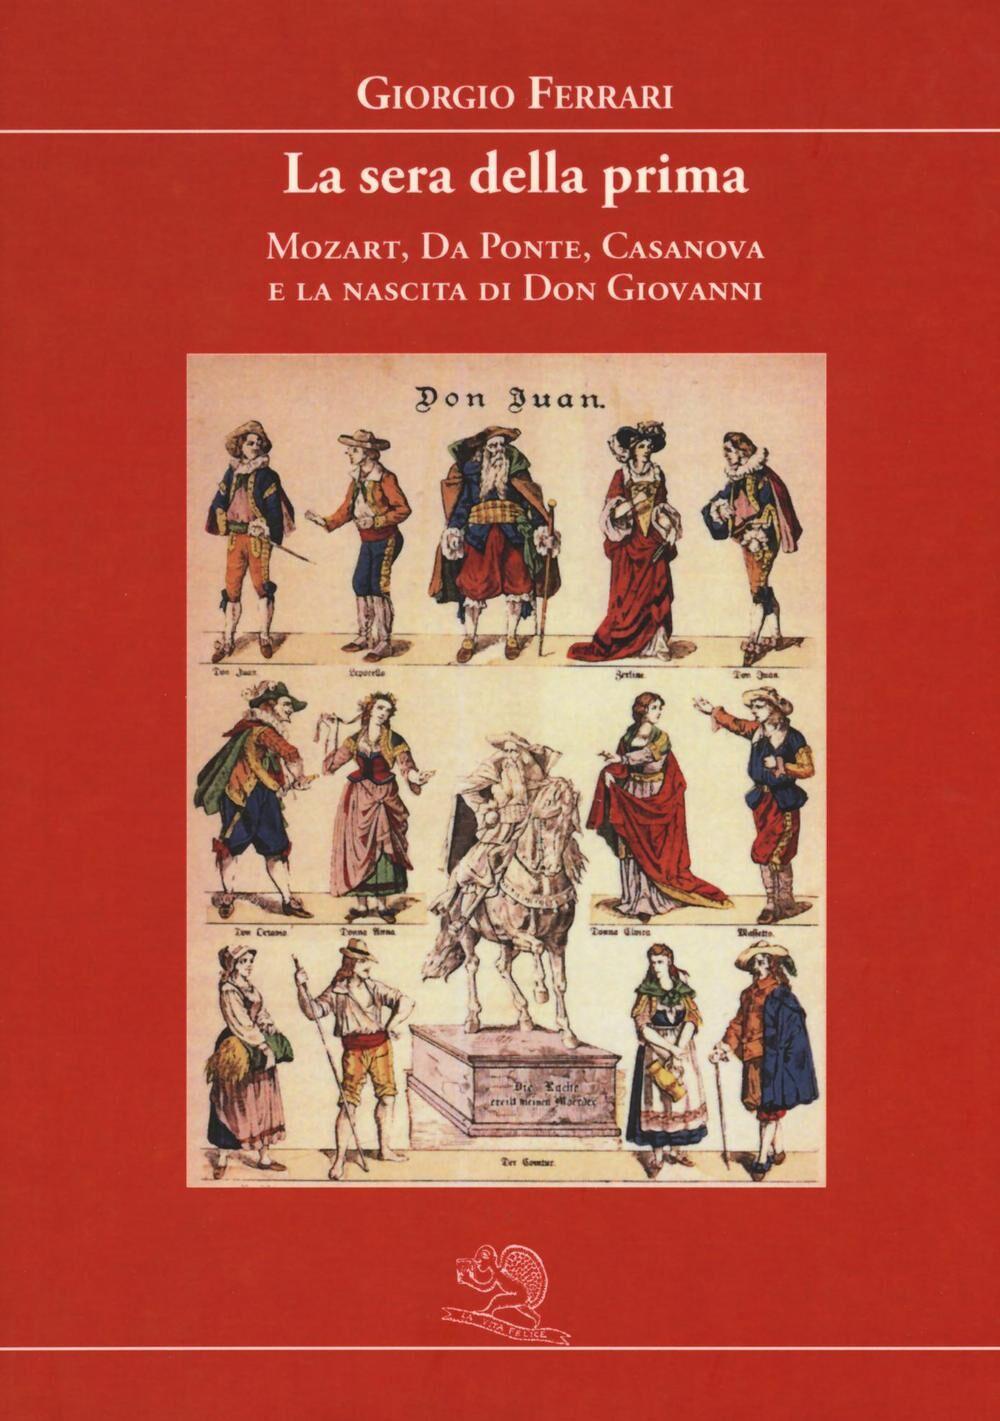 La sera della prima. Mozart, Da Ponte, Casanova e la nascita di Don Giovanni